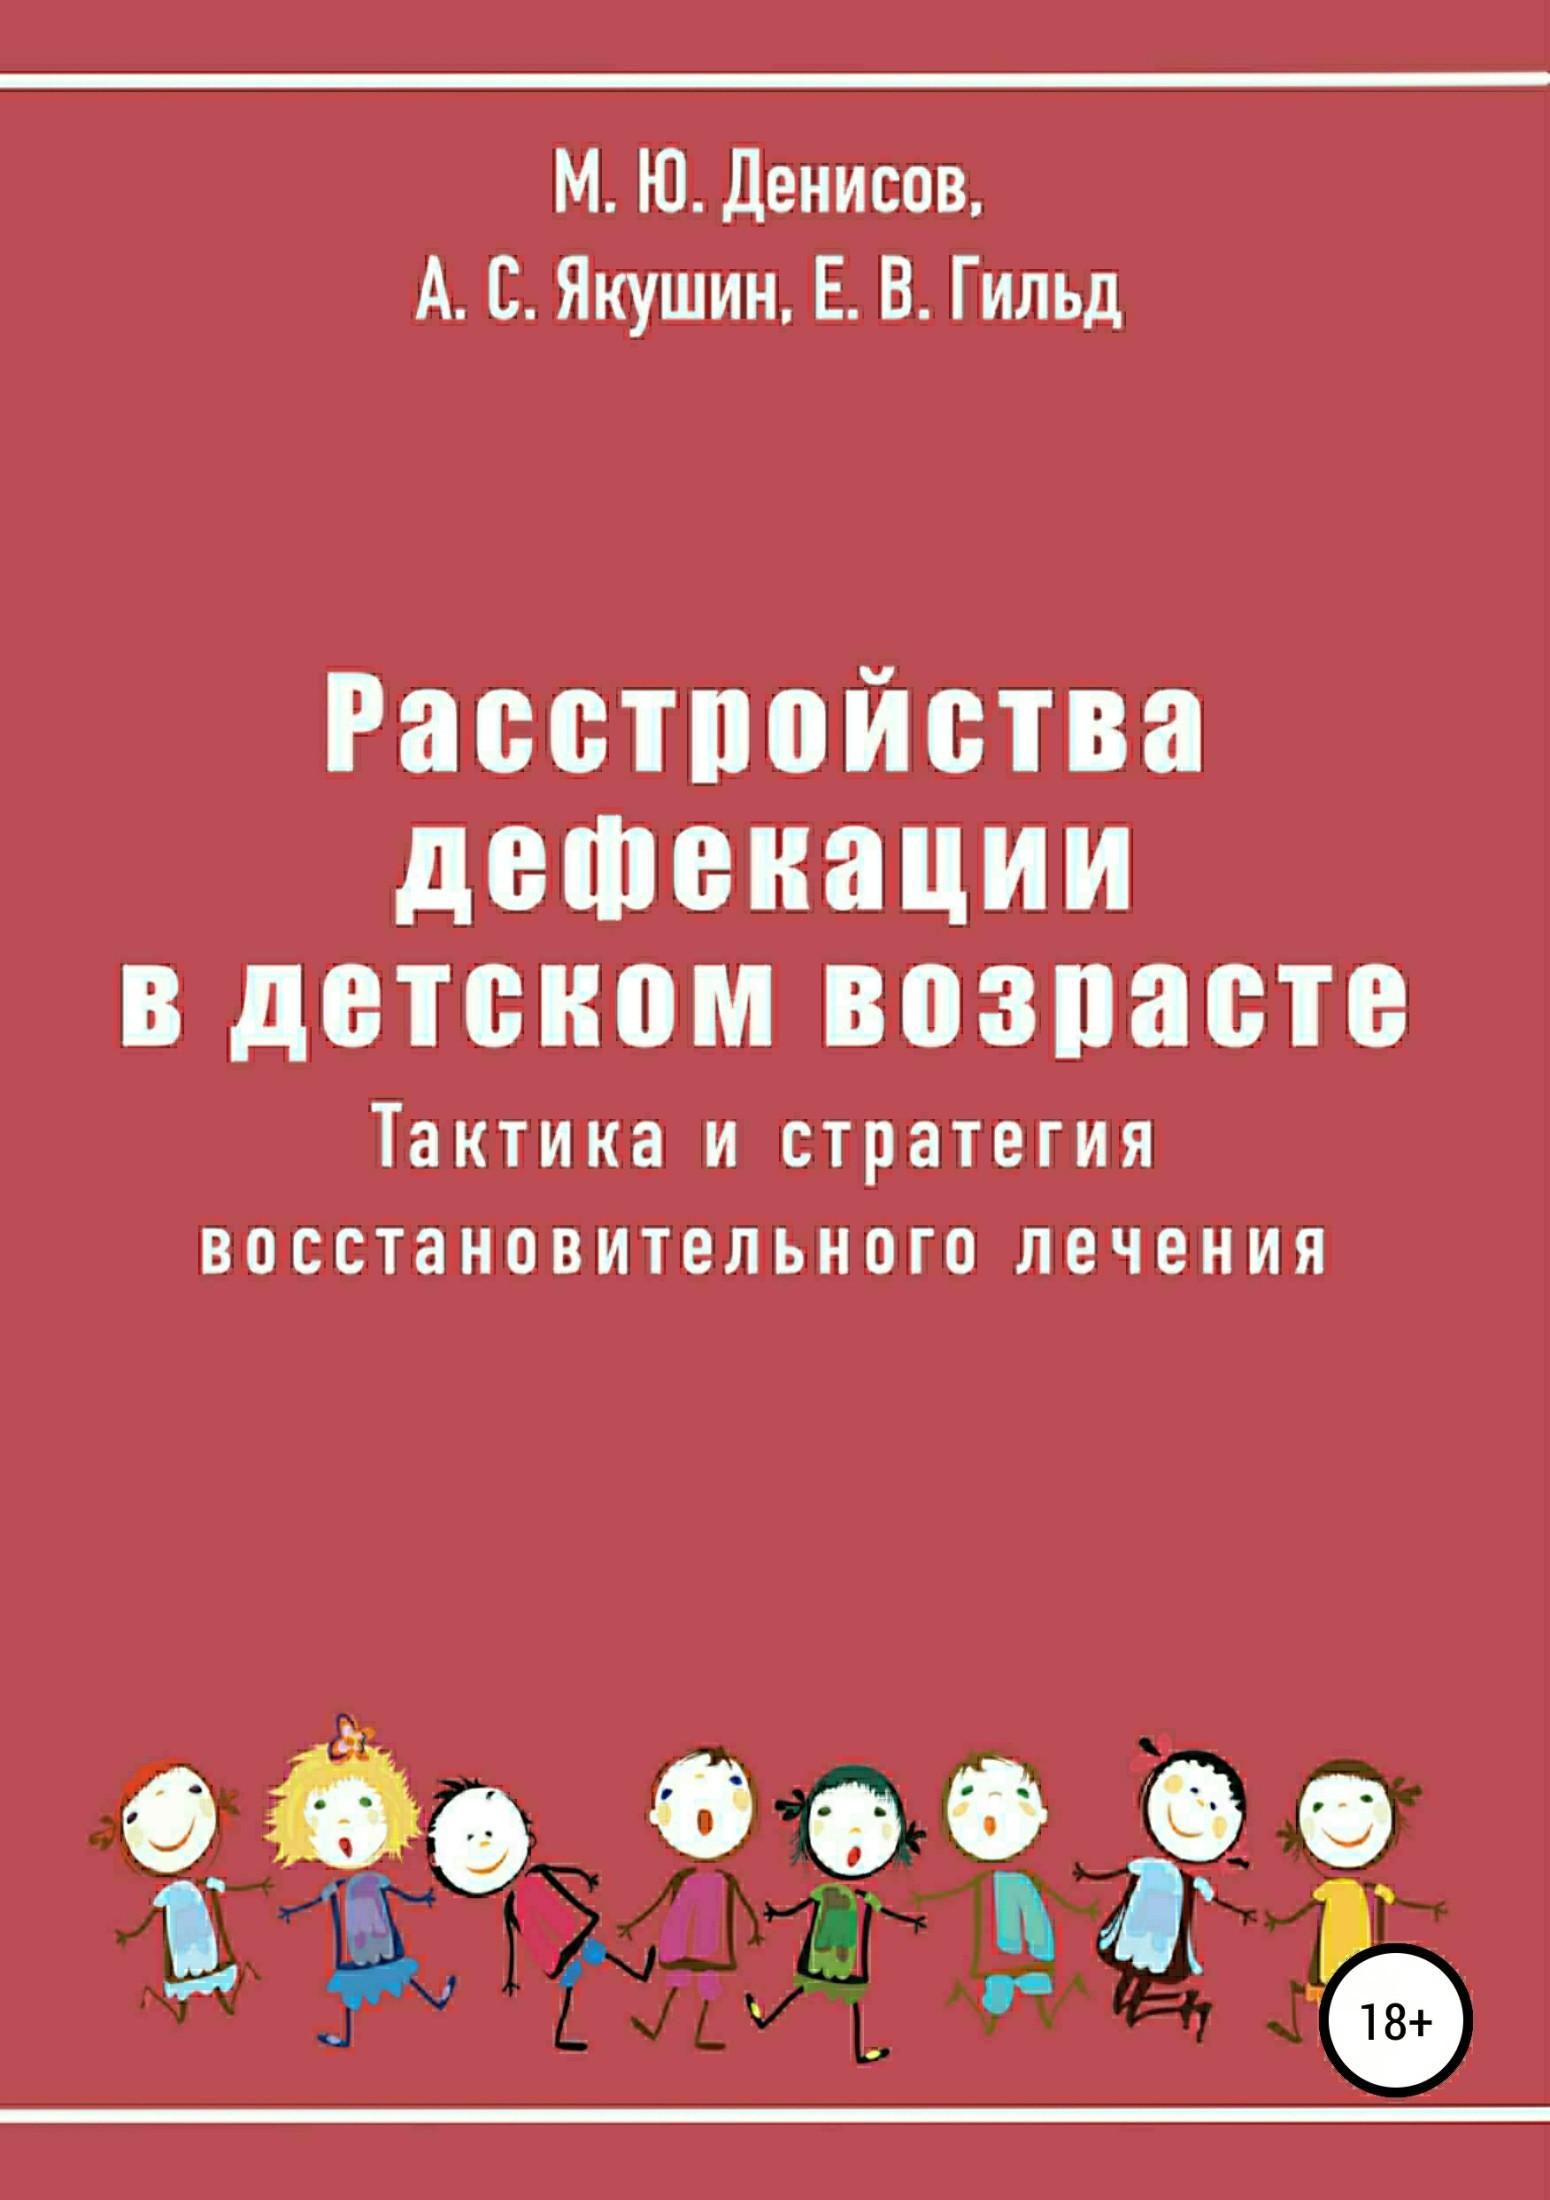 Расстройства дефекации в детском возрасте. Тактика и стратегия восстановительного лечения